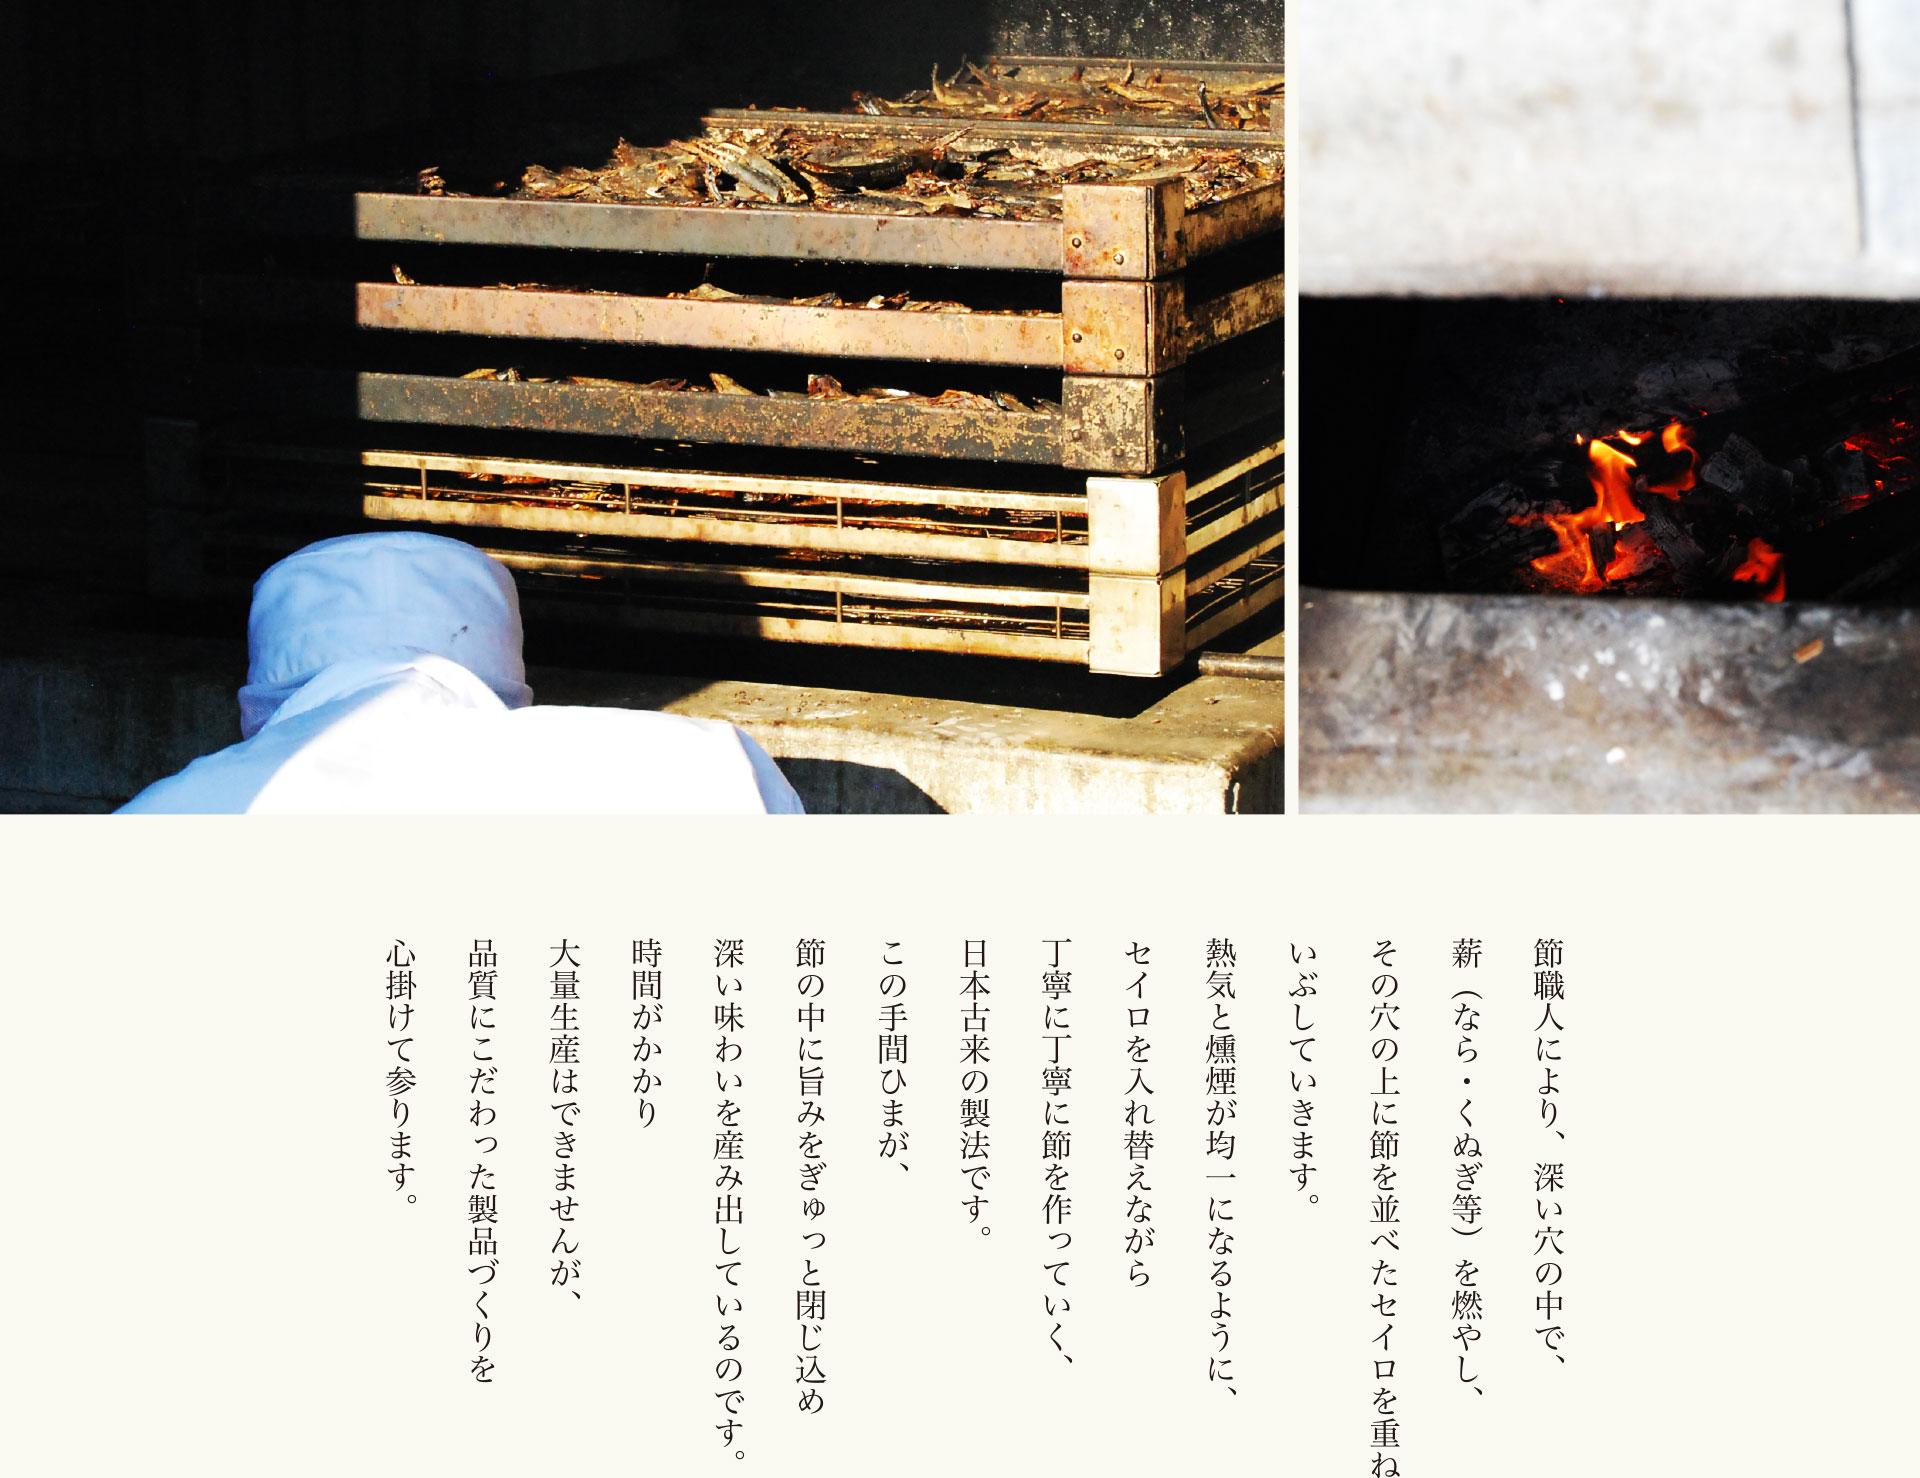 昔ながらの技、伝統的な製法「手火山式」。